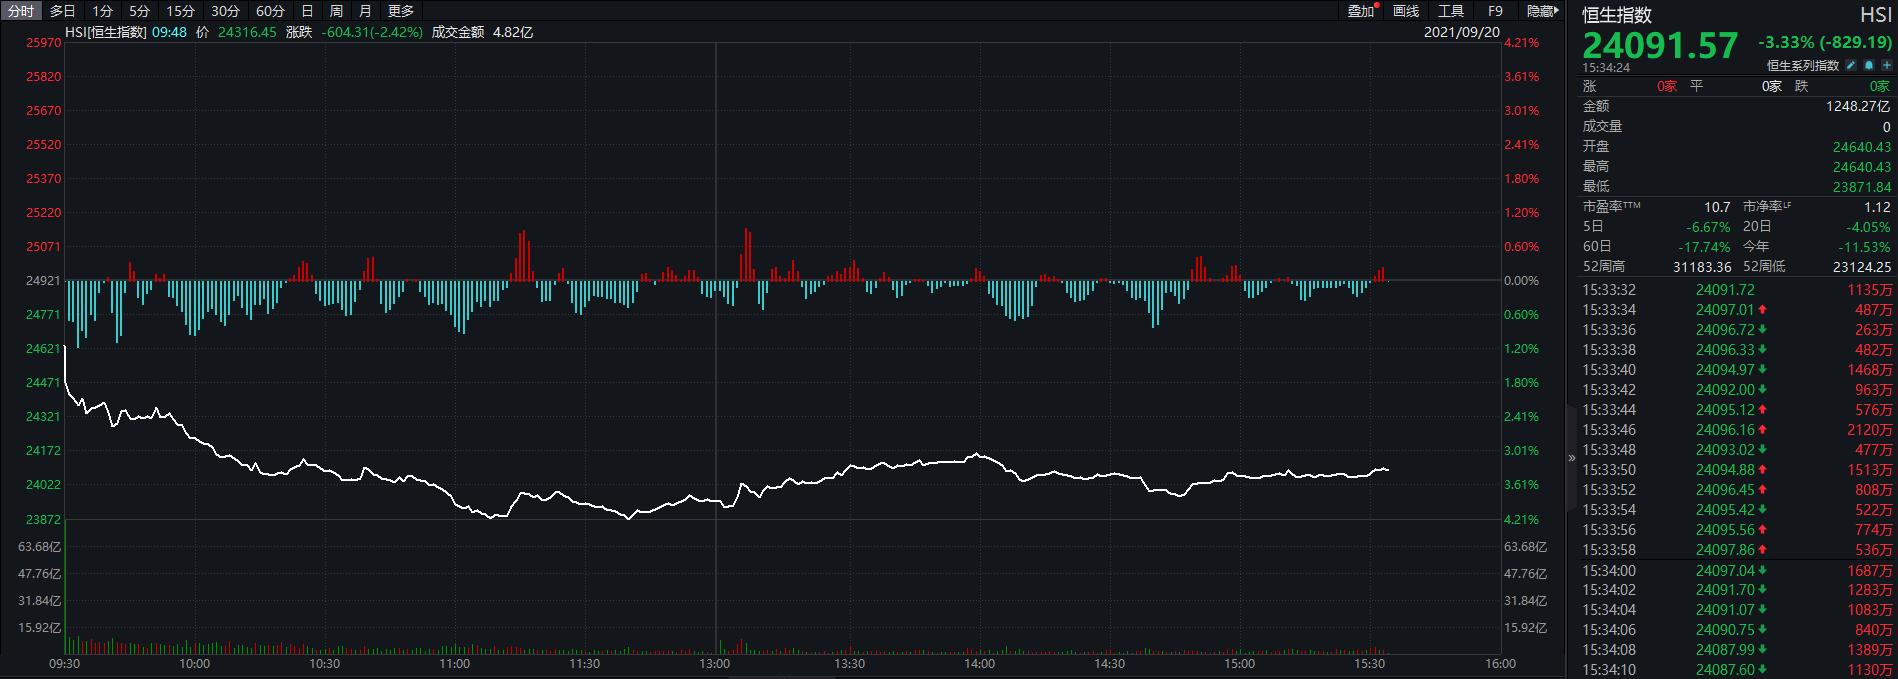 欧股跌逾2%,港股跌3%,比特币、铁矿石...风险资产全线下跌